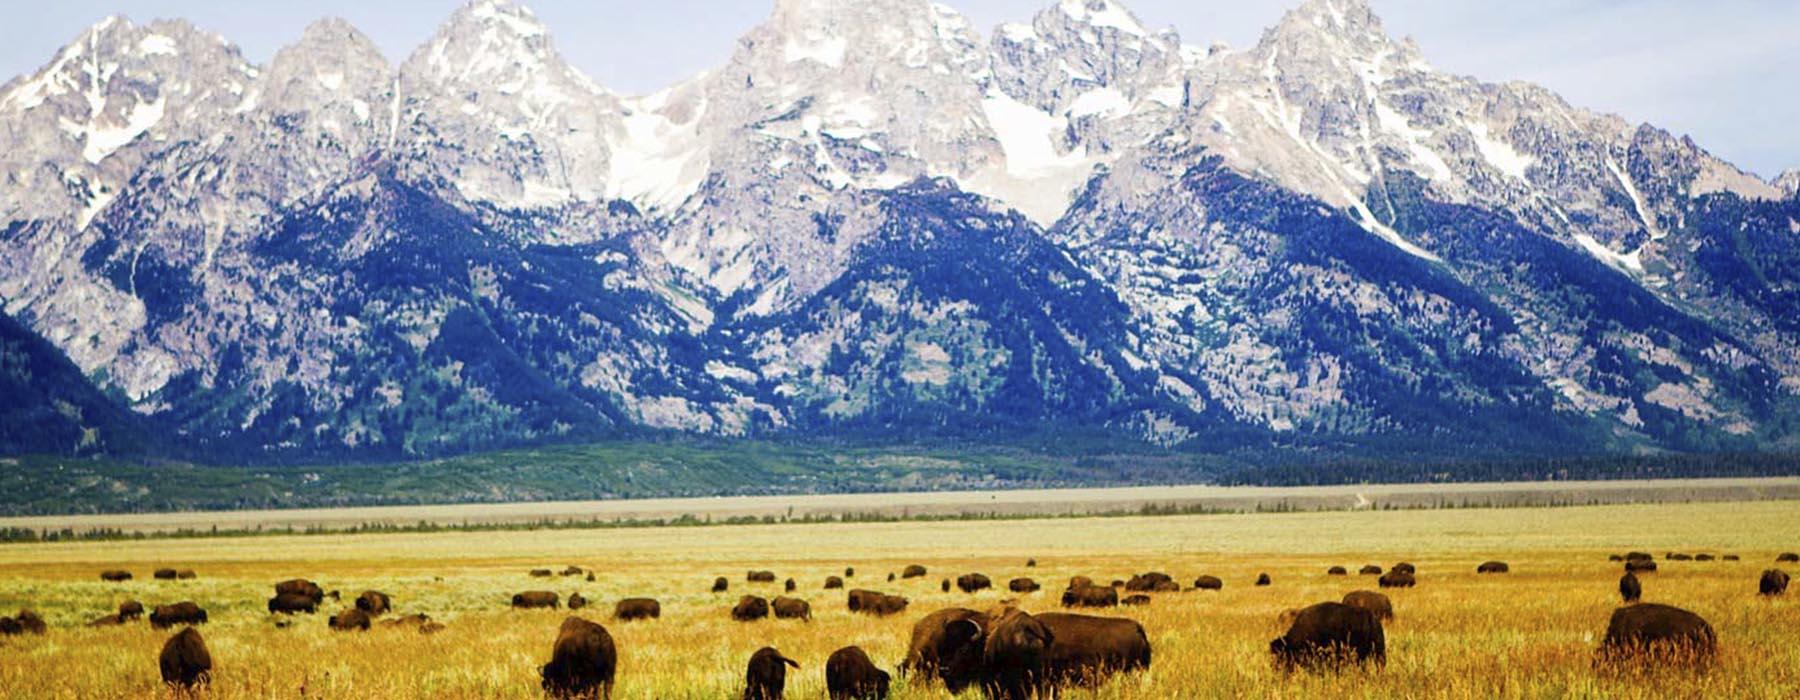 Buffalo on a field.